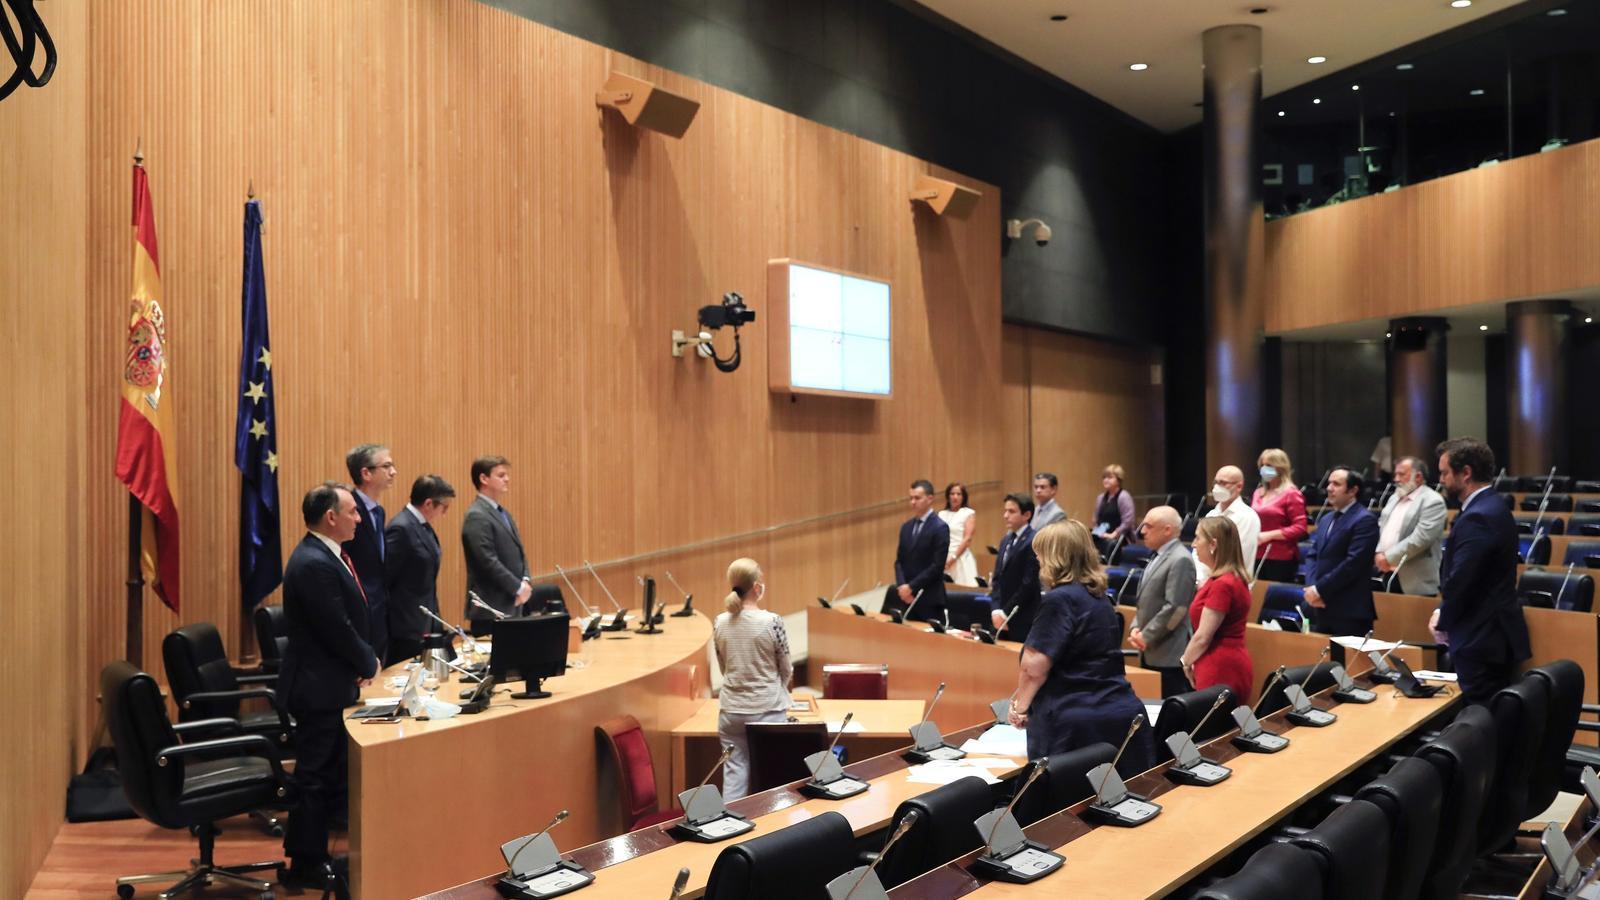 Pla general d'una de les reunions de la comissió de Reconstrucció Social i Econòmica al Congrés.